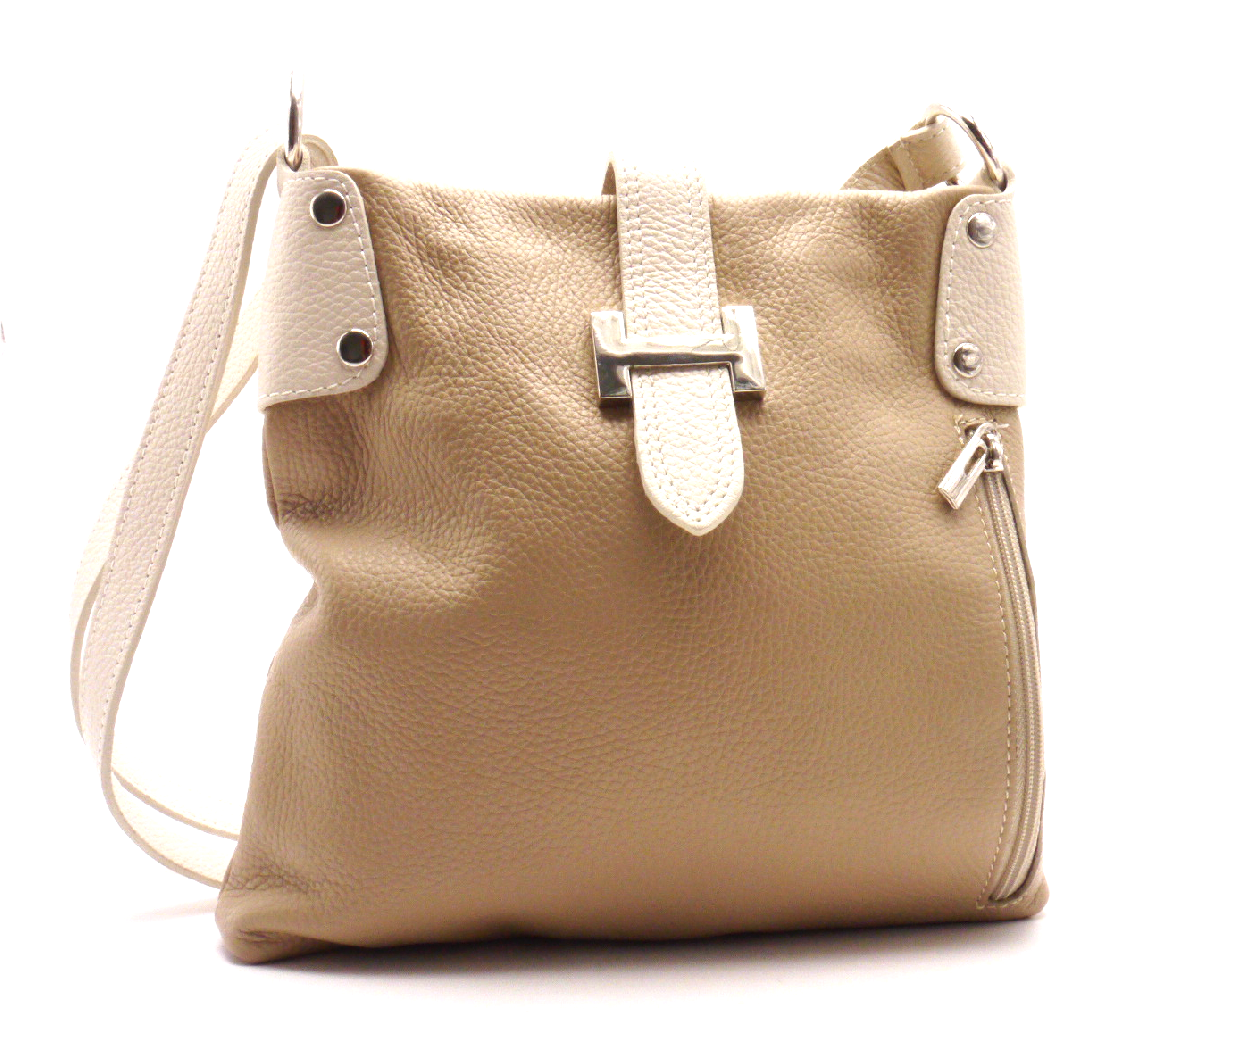 Borse Design Krásná kabelka 10-85 béžová - béžové ucho a33f473a741